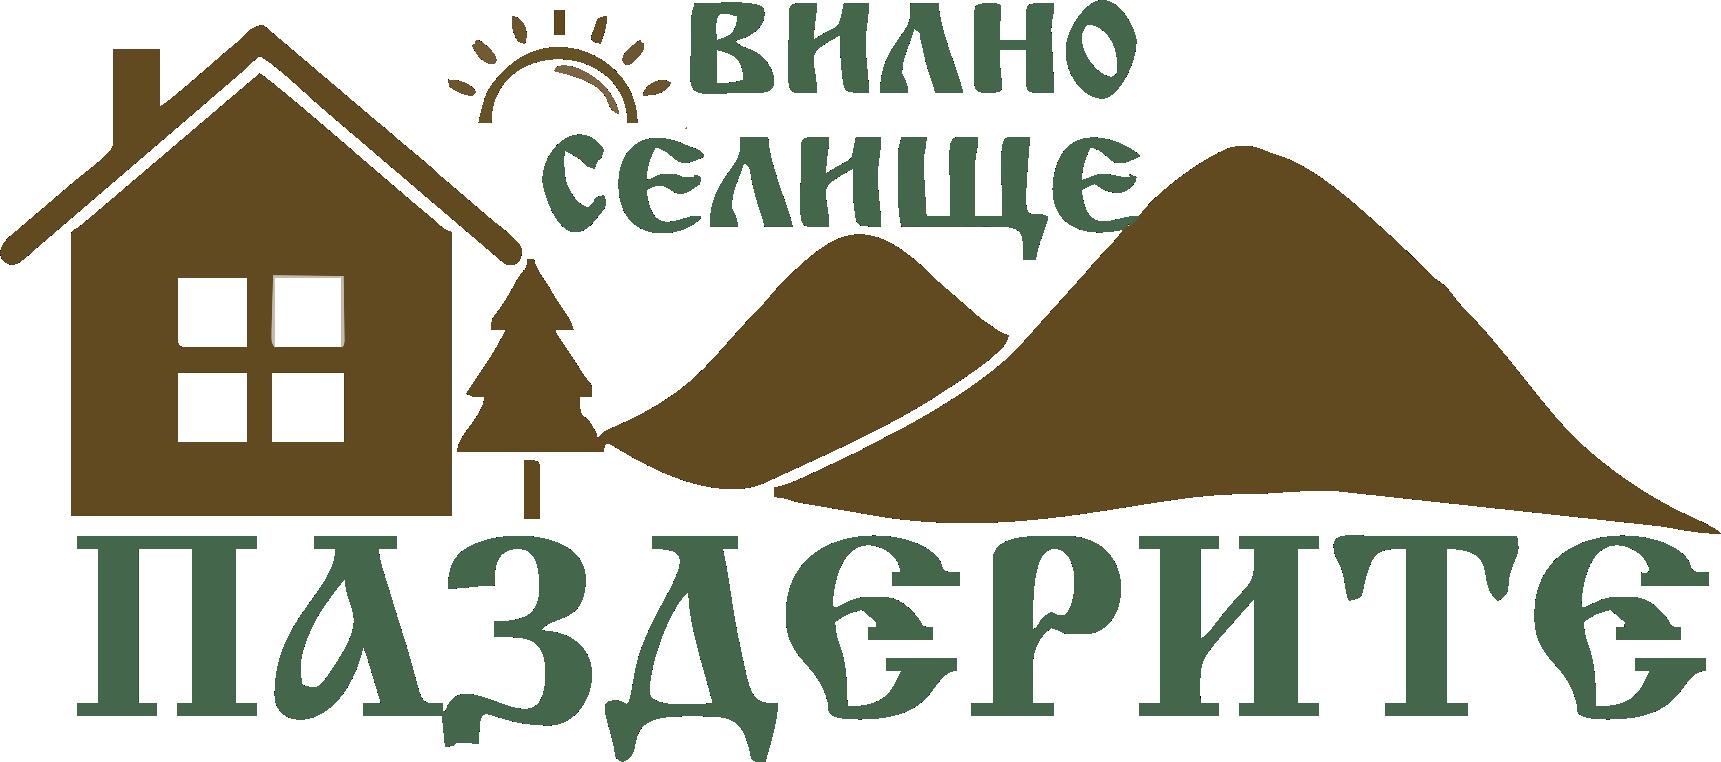 Комплекс Паздерите - вилно селище в Априлци